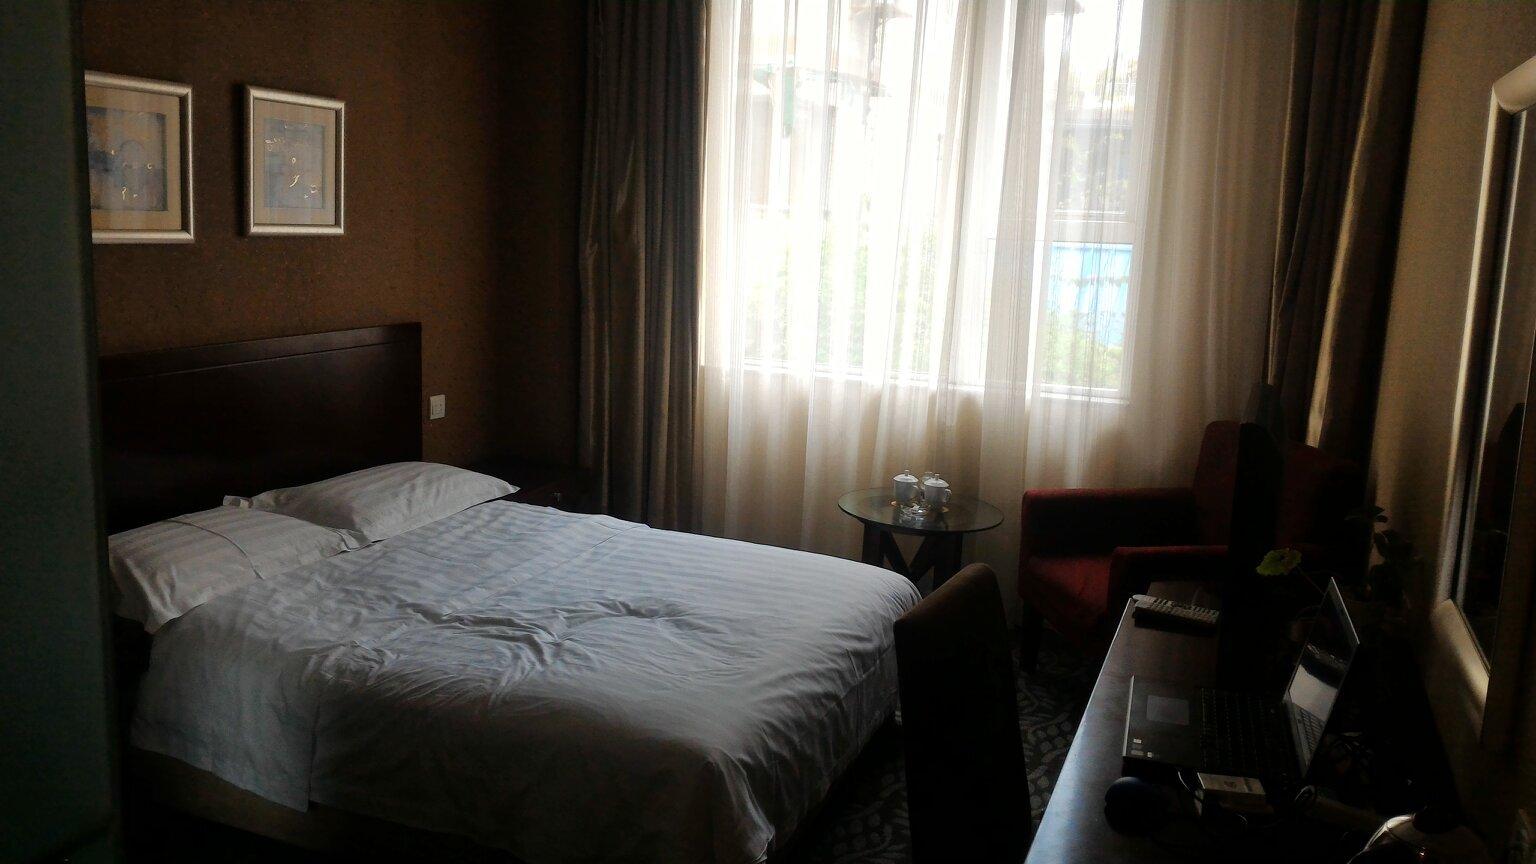 成都半島ホテル (成都半岛酒店)